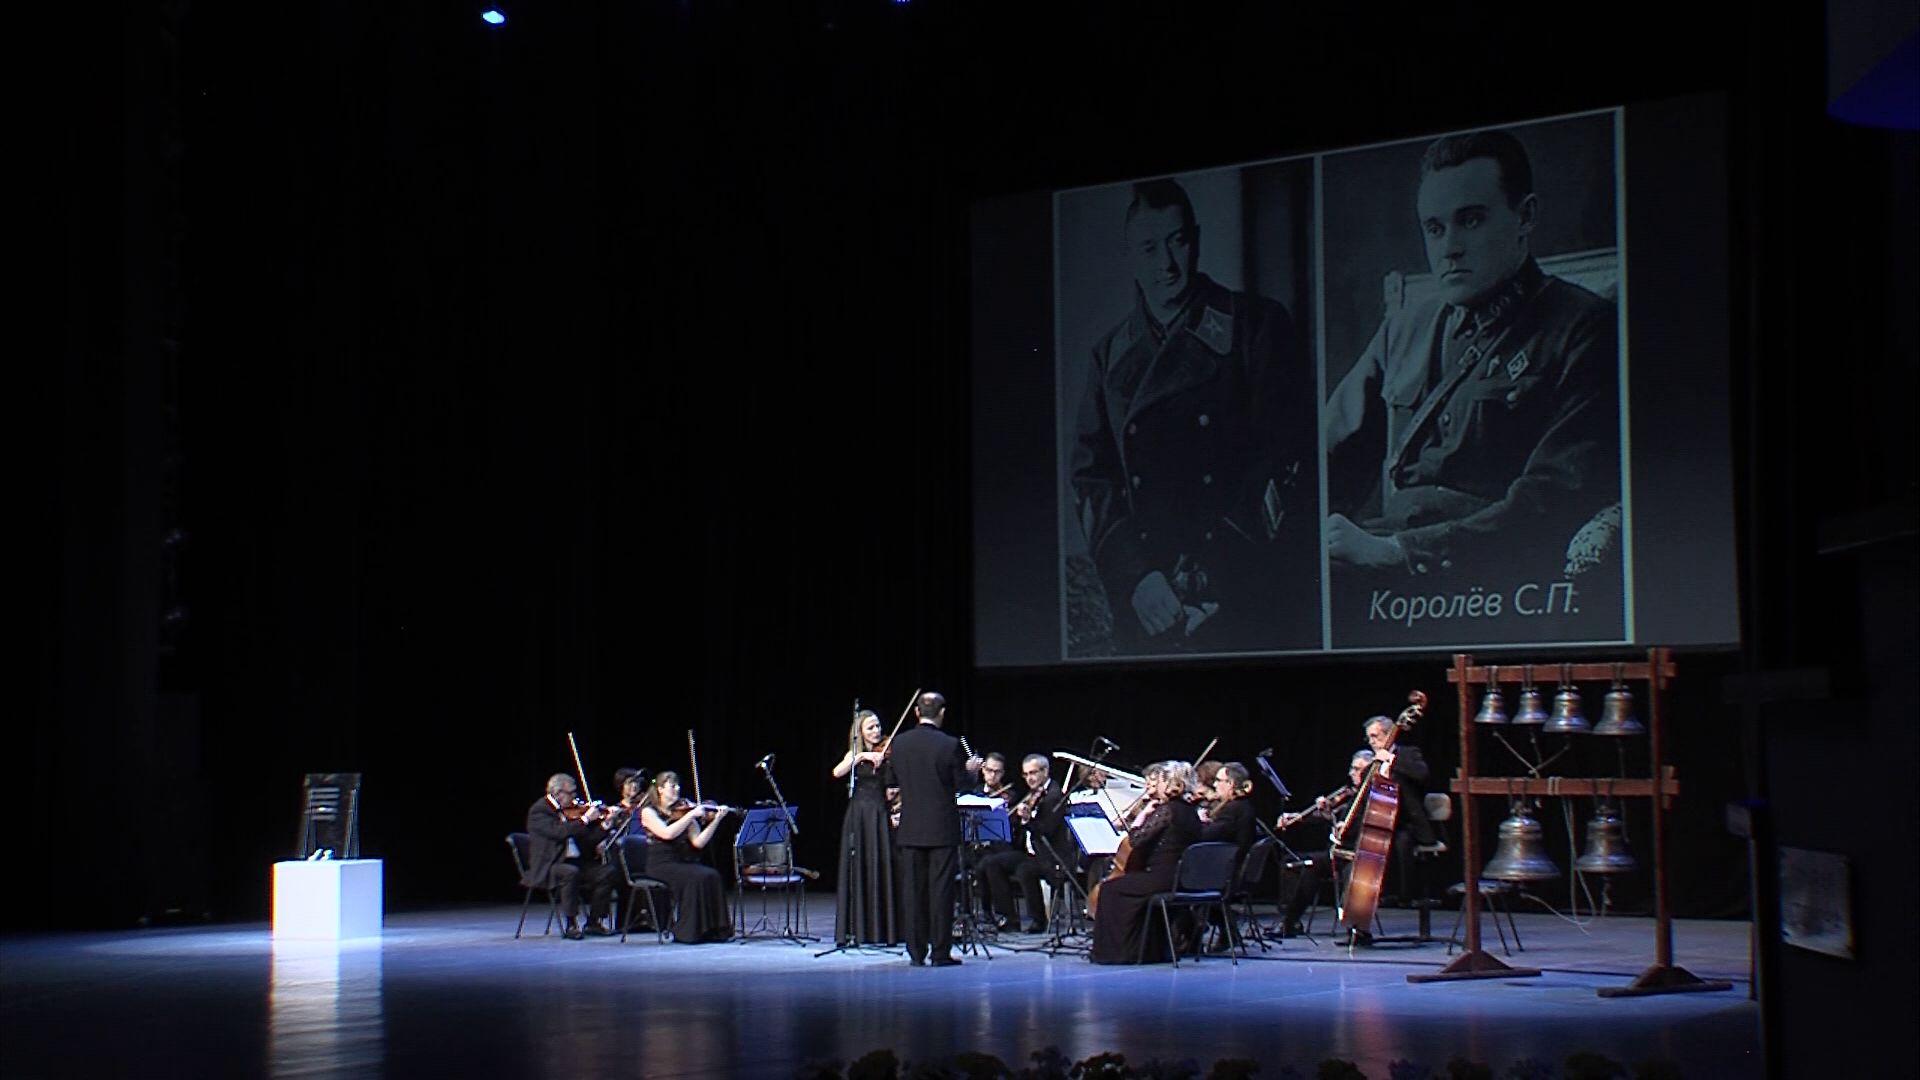 В Ярославле презентовали скрипку «Чайка», посвященную Валентине Терешковой